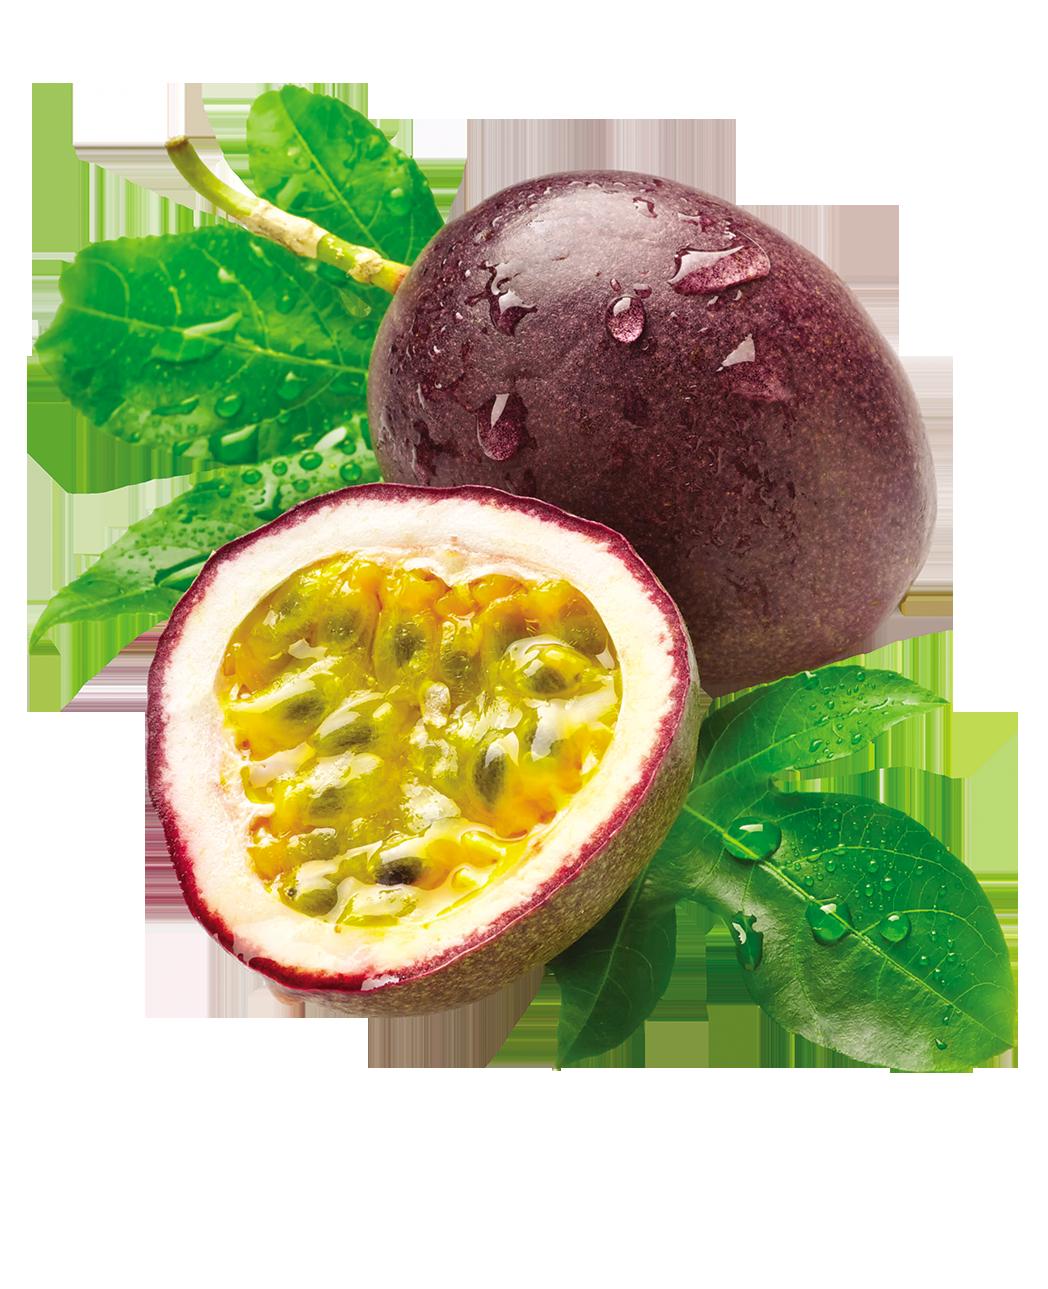 produits - fruits - fruit-de-la-passion-grenadille